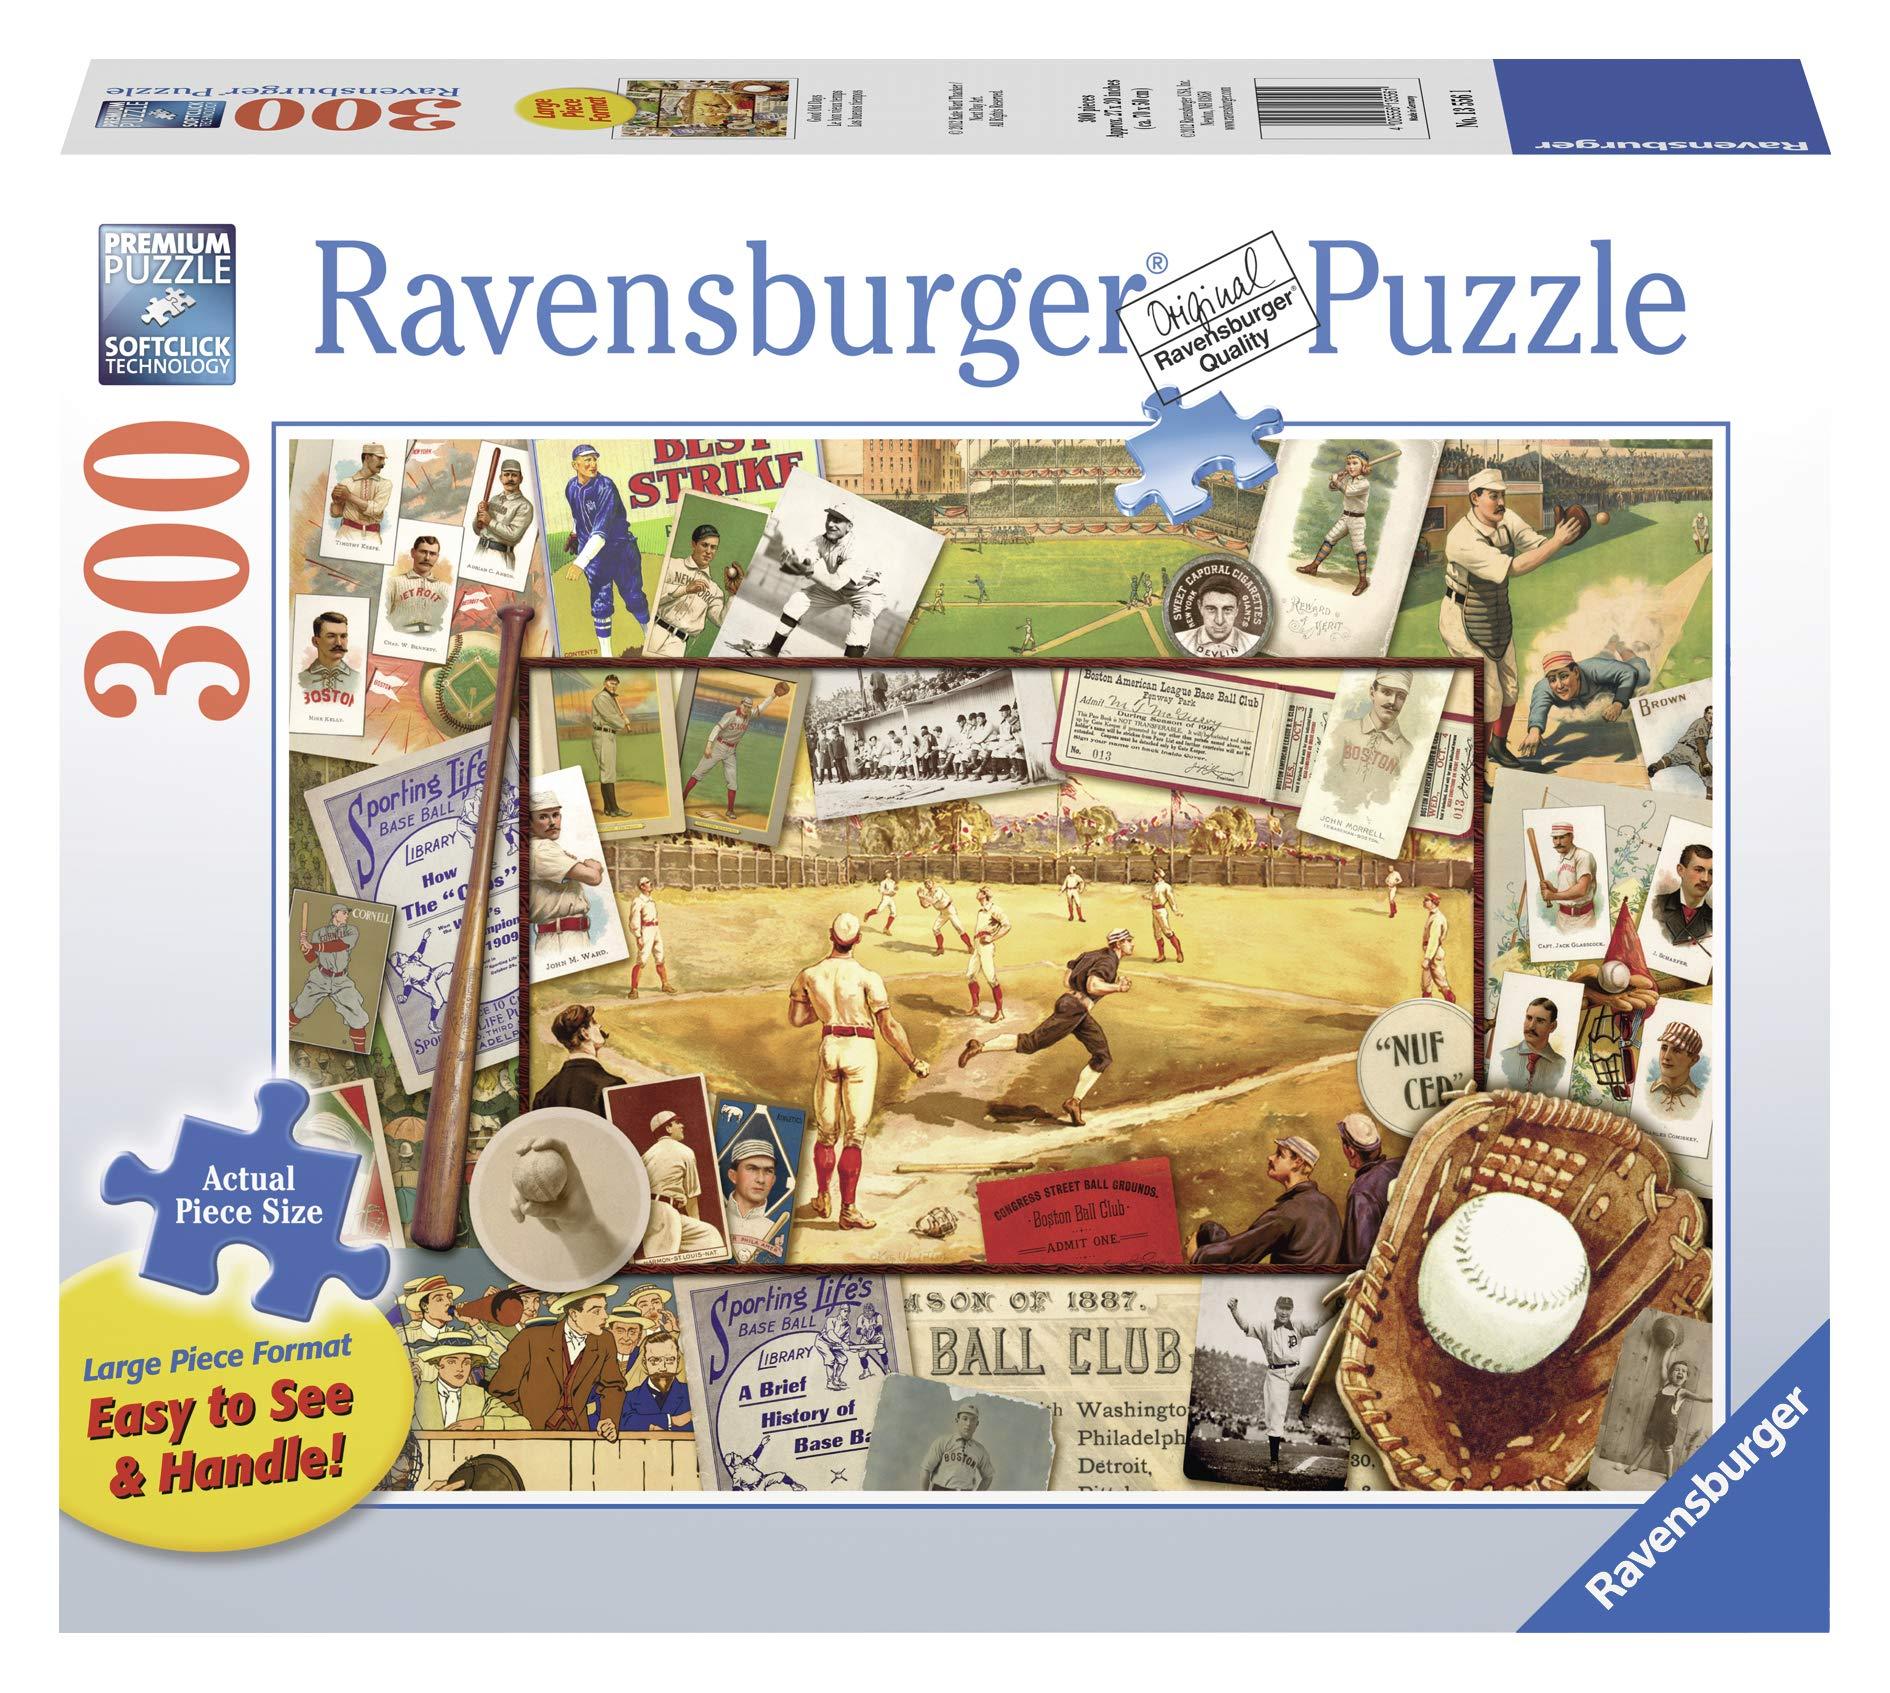 ravensburger 300 piece large format puzzles